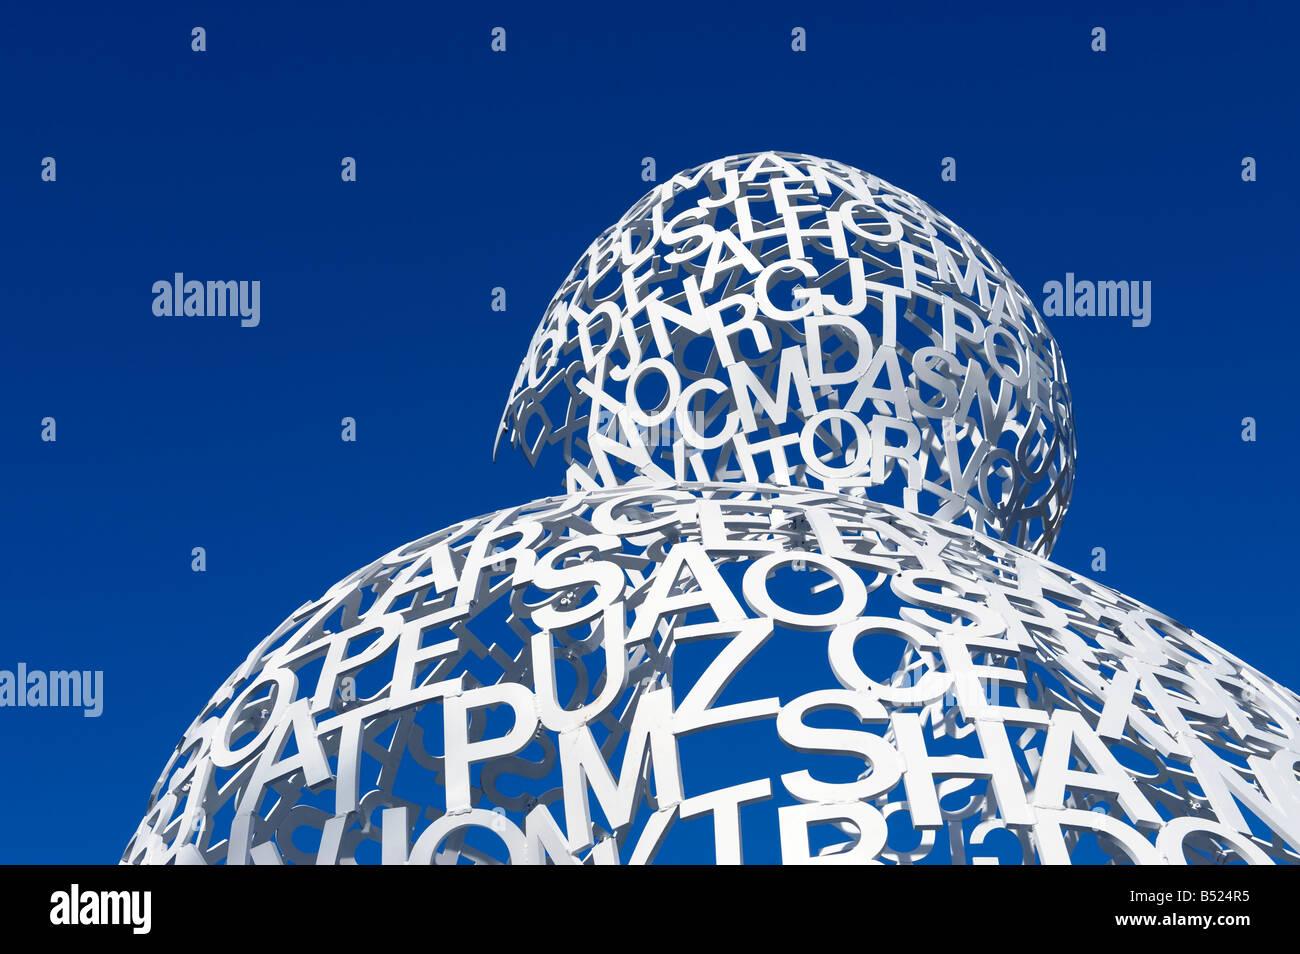 Sculpture réalisée à partir des lettres de l'alphabet. Utilisez uniquement éditoriale Photo Stock